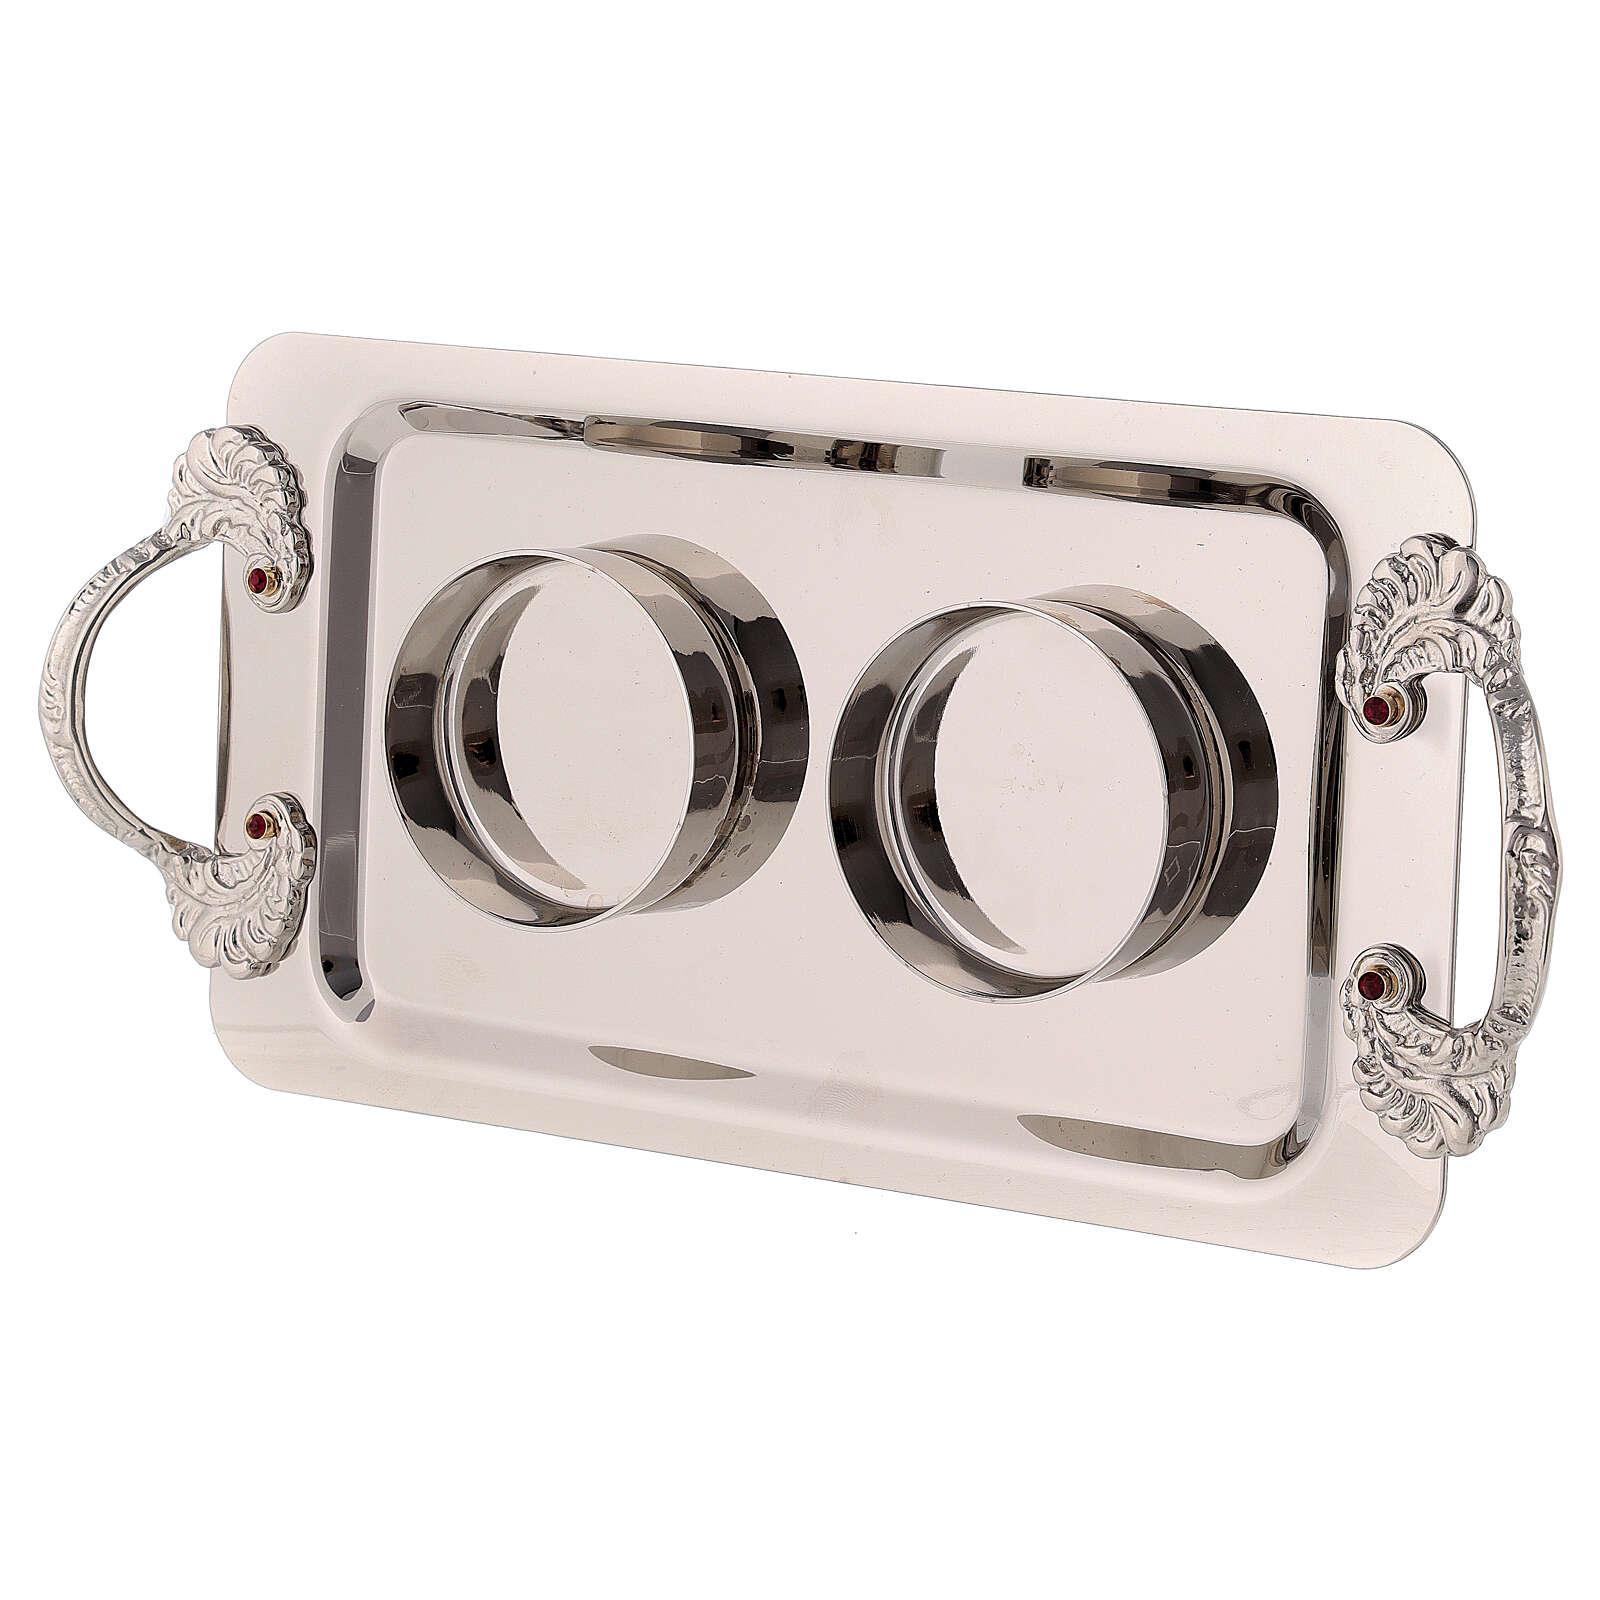 Silver-plated brass cruets Fiesole model 4